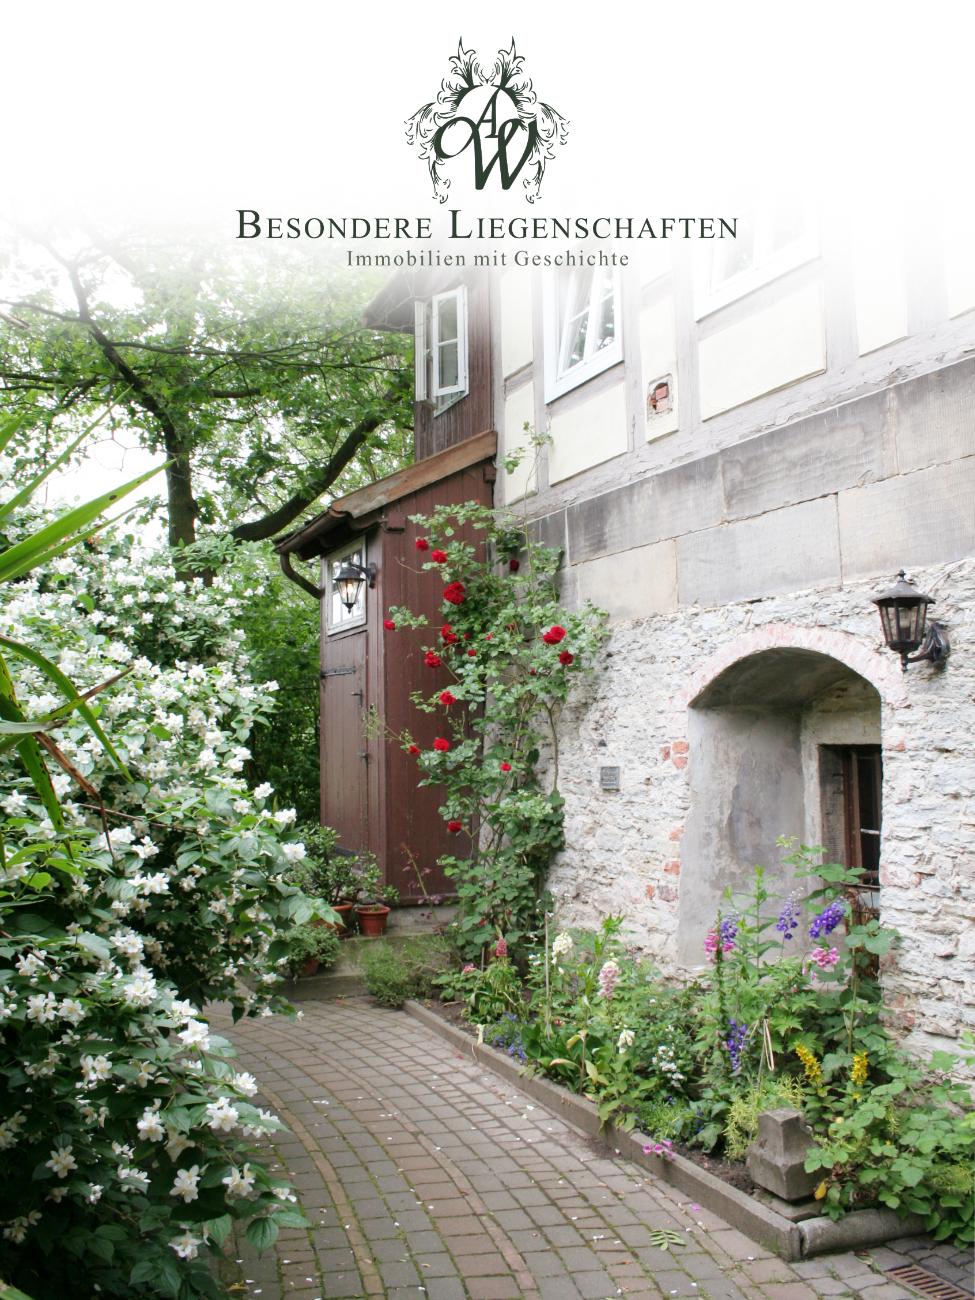 Besondere Liegenschaften – Immobilien mit Geschichte